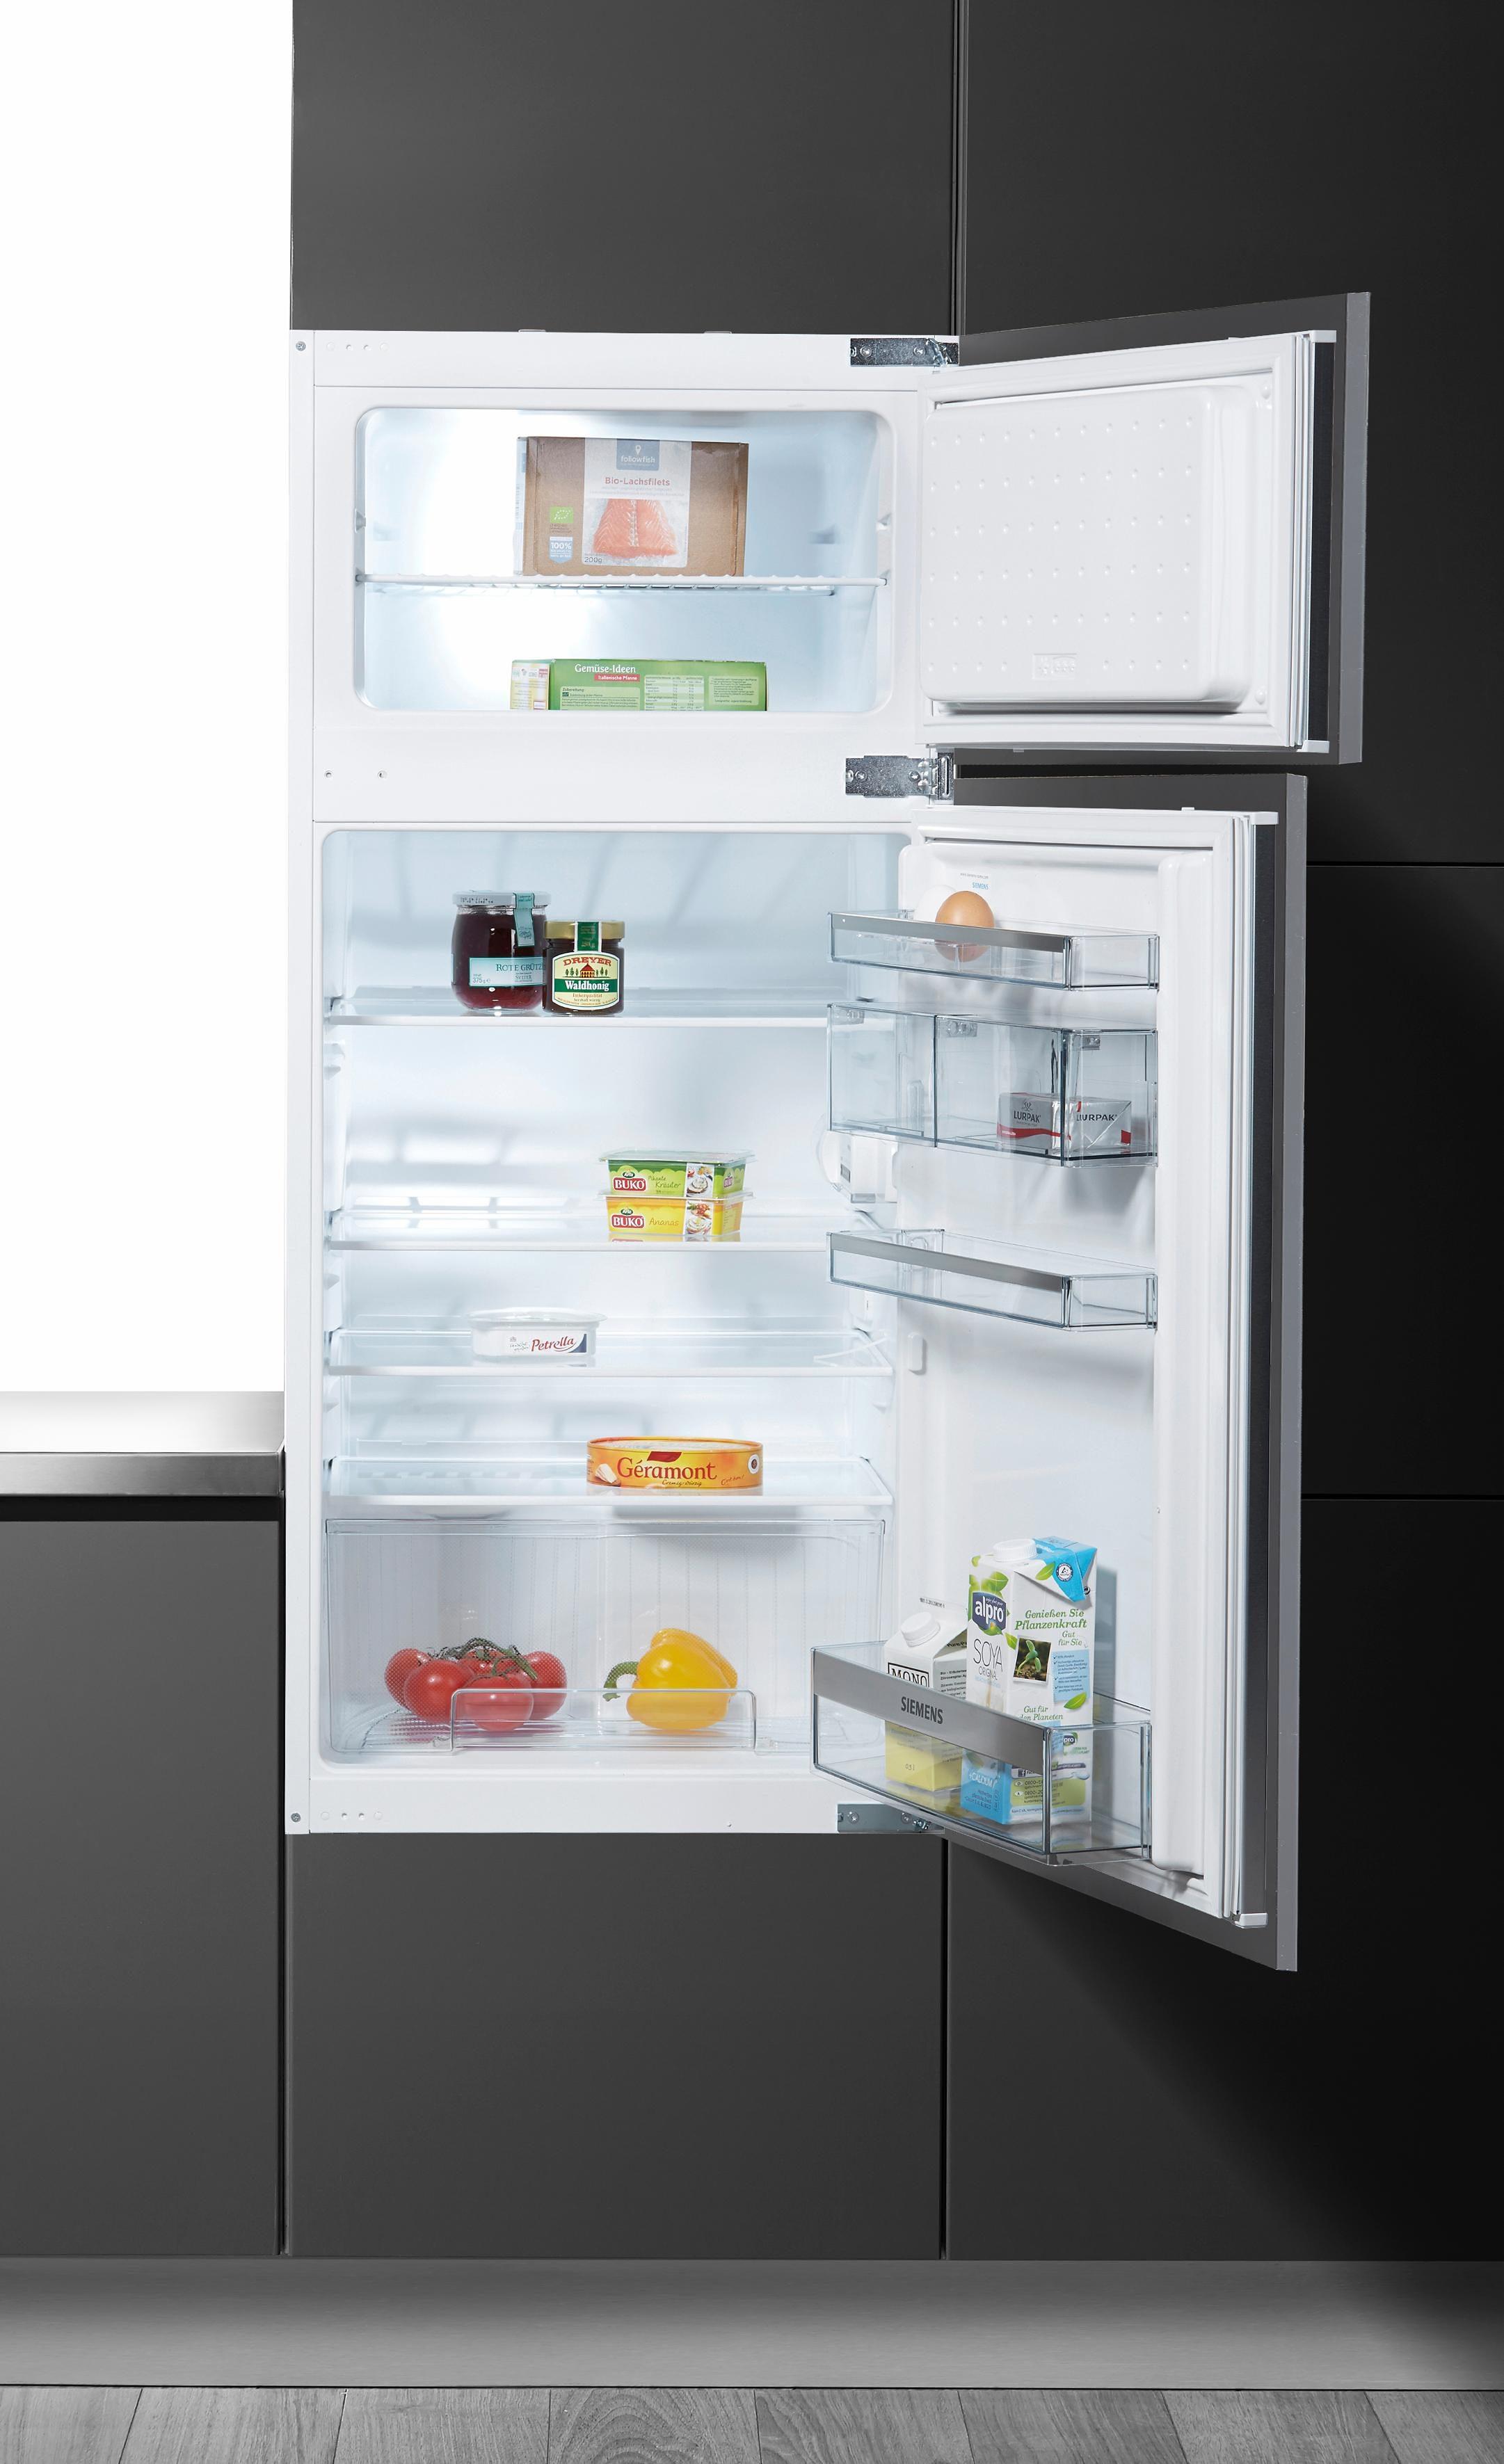 SIEMENS Einbaukühlschrank KI24DA30, 122,1 cm hoch, 54,5 cm breit, Energieeffizienzklasse: A++, superFreezing